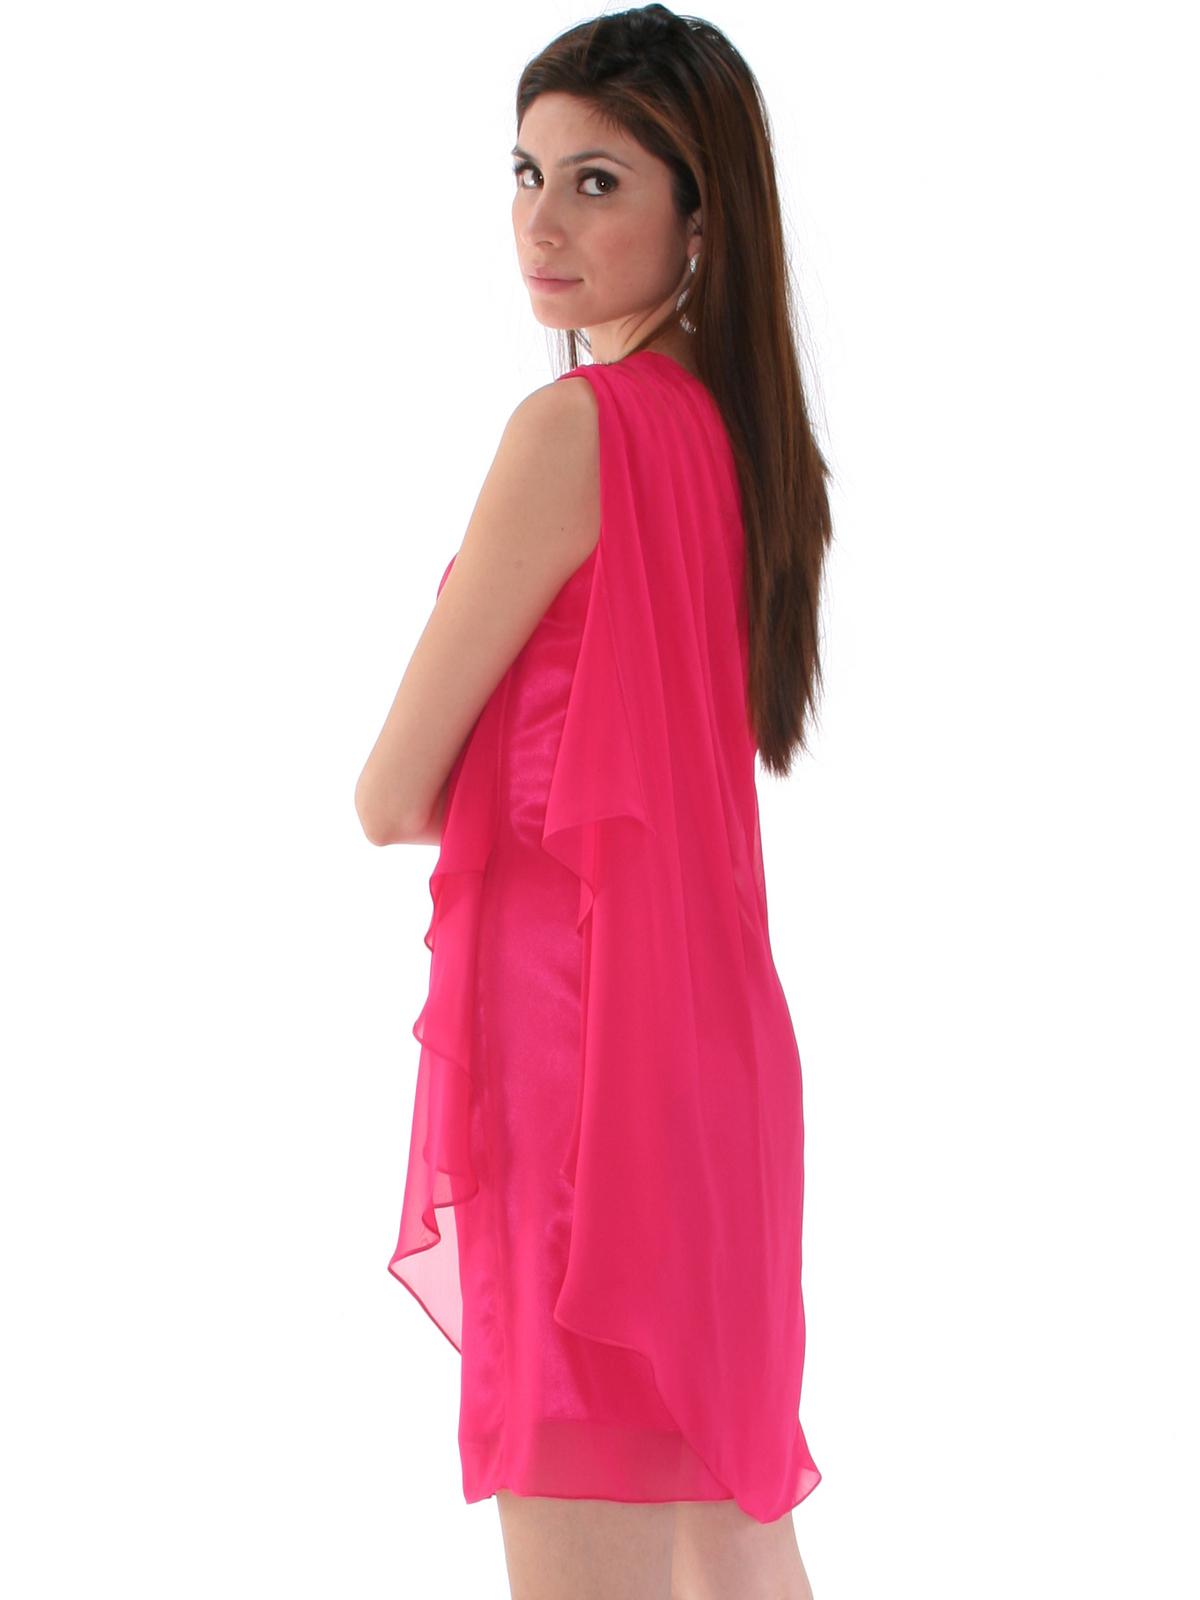 Fuschia One Shoulder Chiffon Cocktail Dress Sung